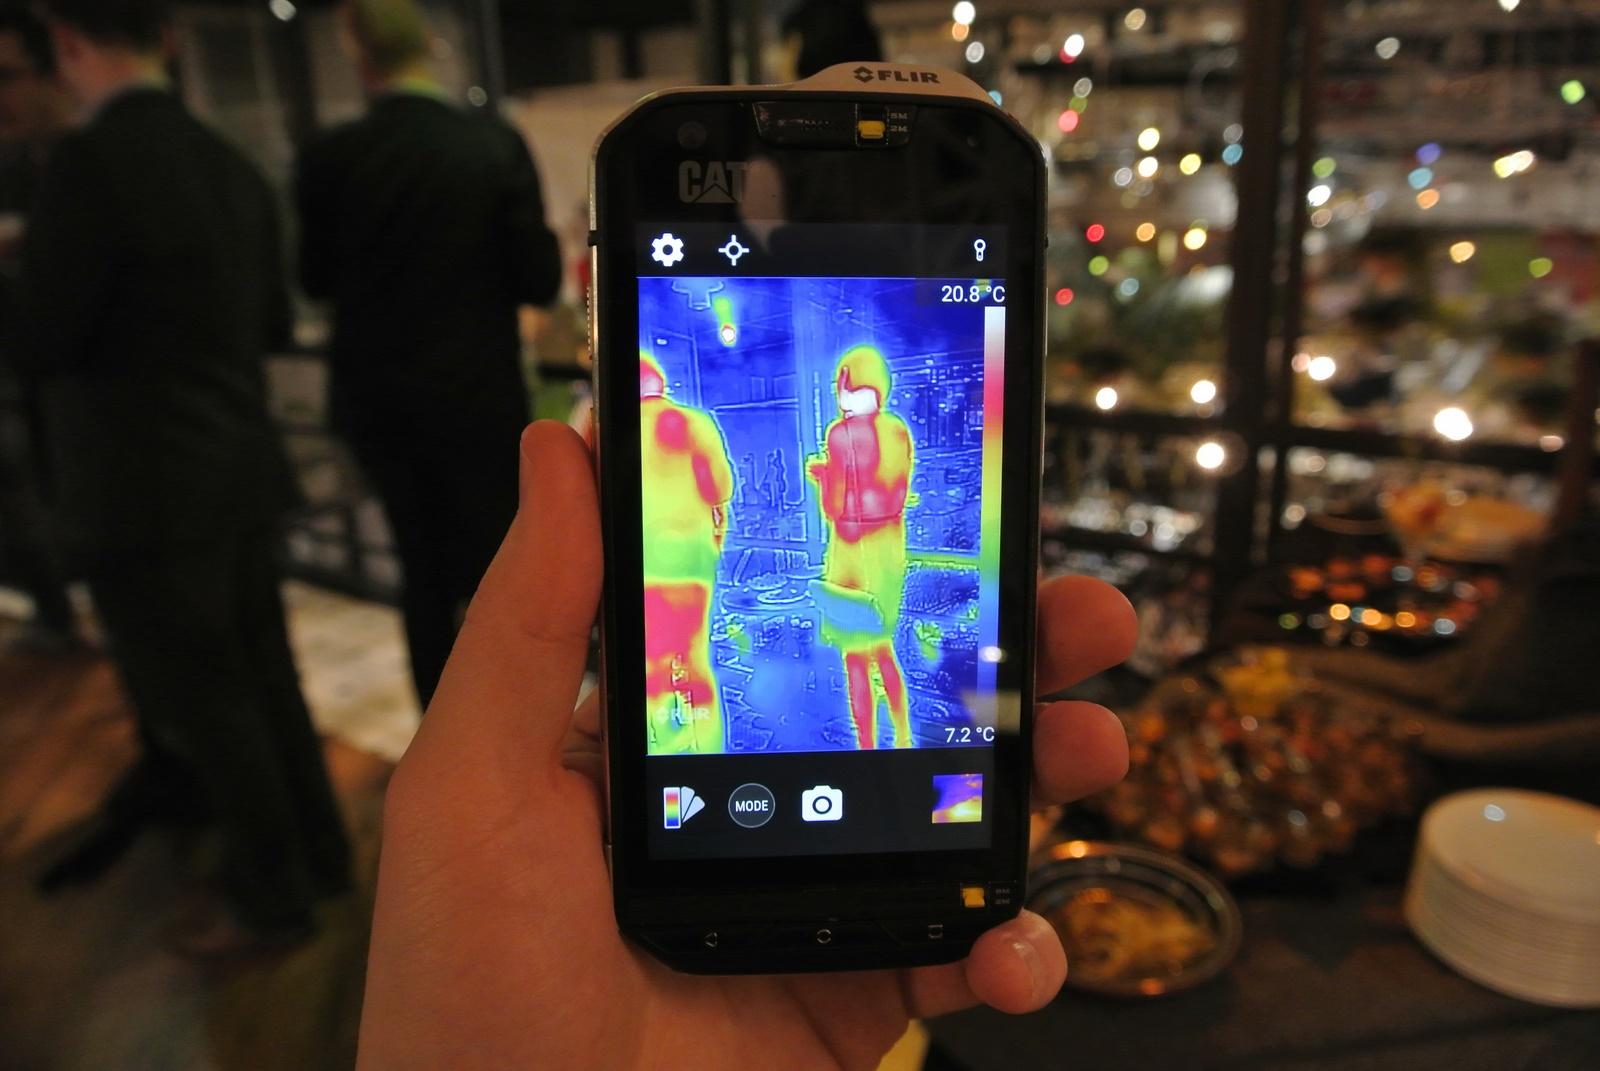 Zjednoczone Królestwo bardzo popularny Nowy Jork CAT S60 - pierwszy smartfon z kamerą termowizyjną